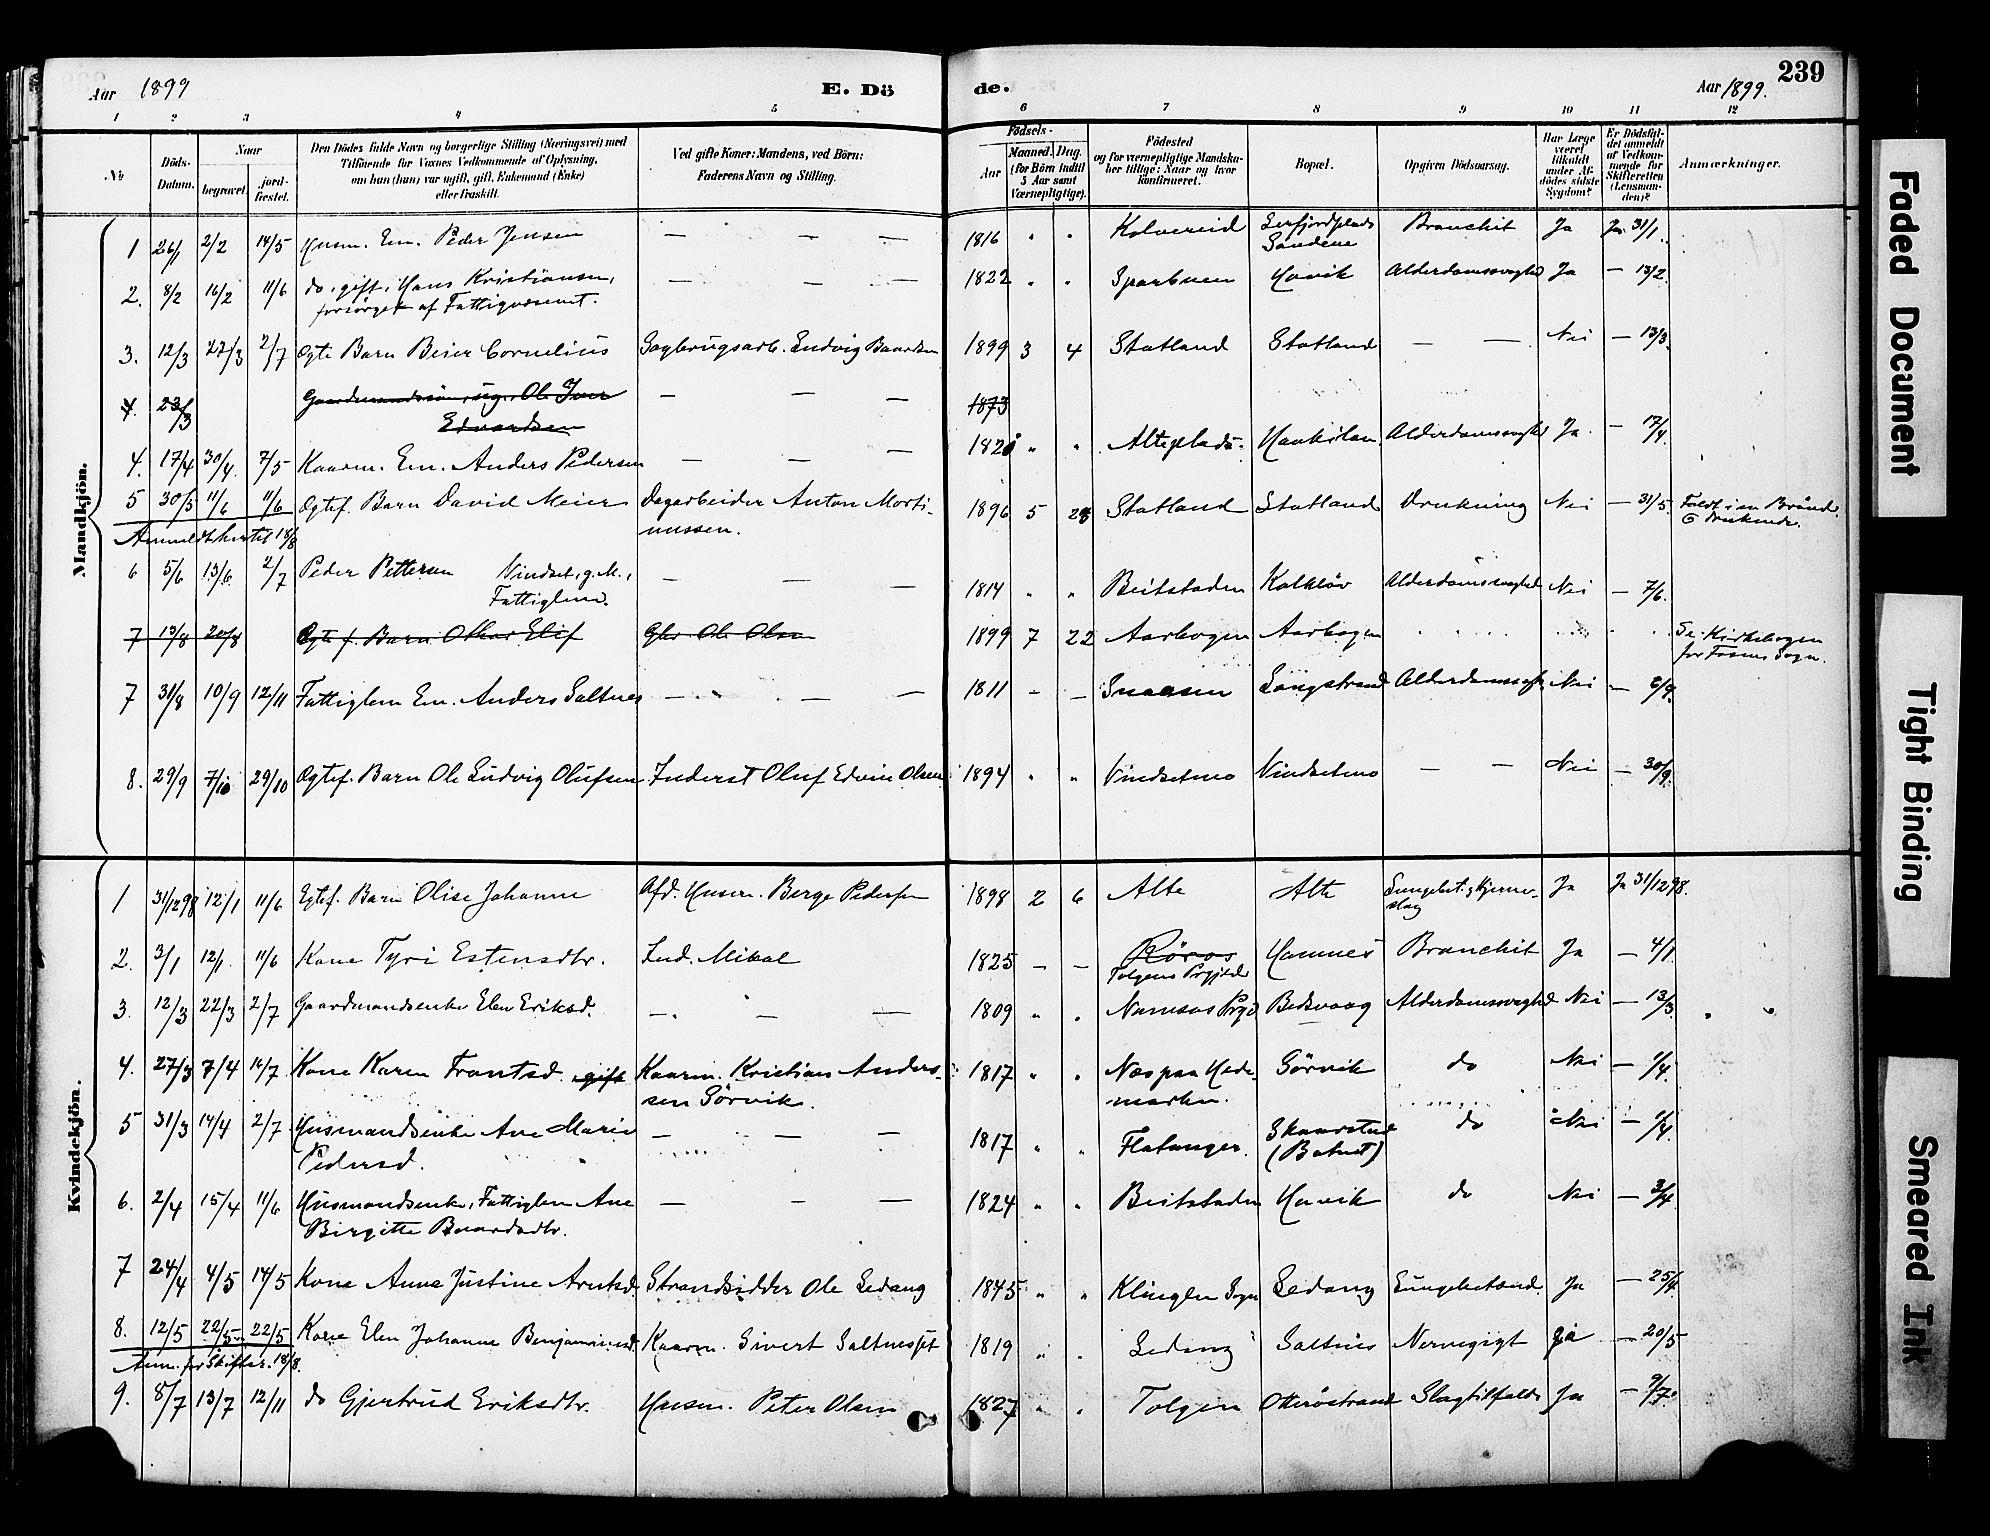 SAT, Ministerialprotokoller, klokkerbøker og fødselsregistre - Nord-Trøndelag, 774/L0628: Ministerialbok nr. 774A02, 1887-1903, s. 239